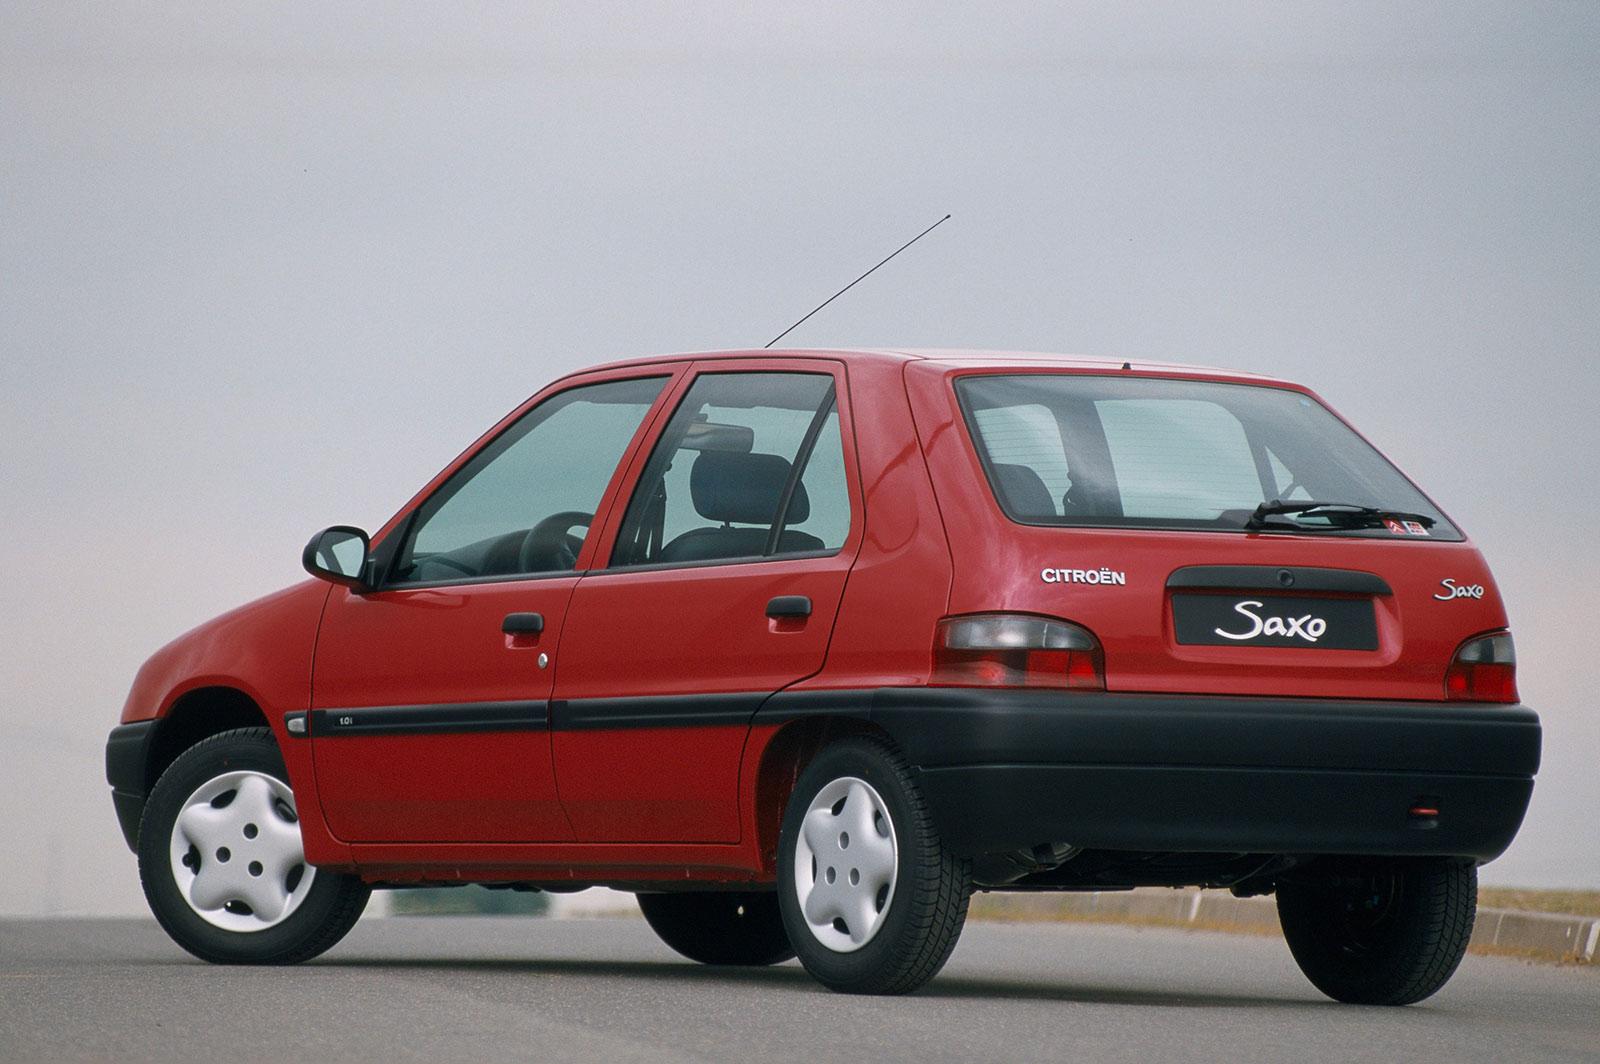 Citroen (Ситроен) Saxo 1998-1999 г.